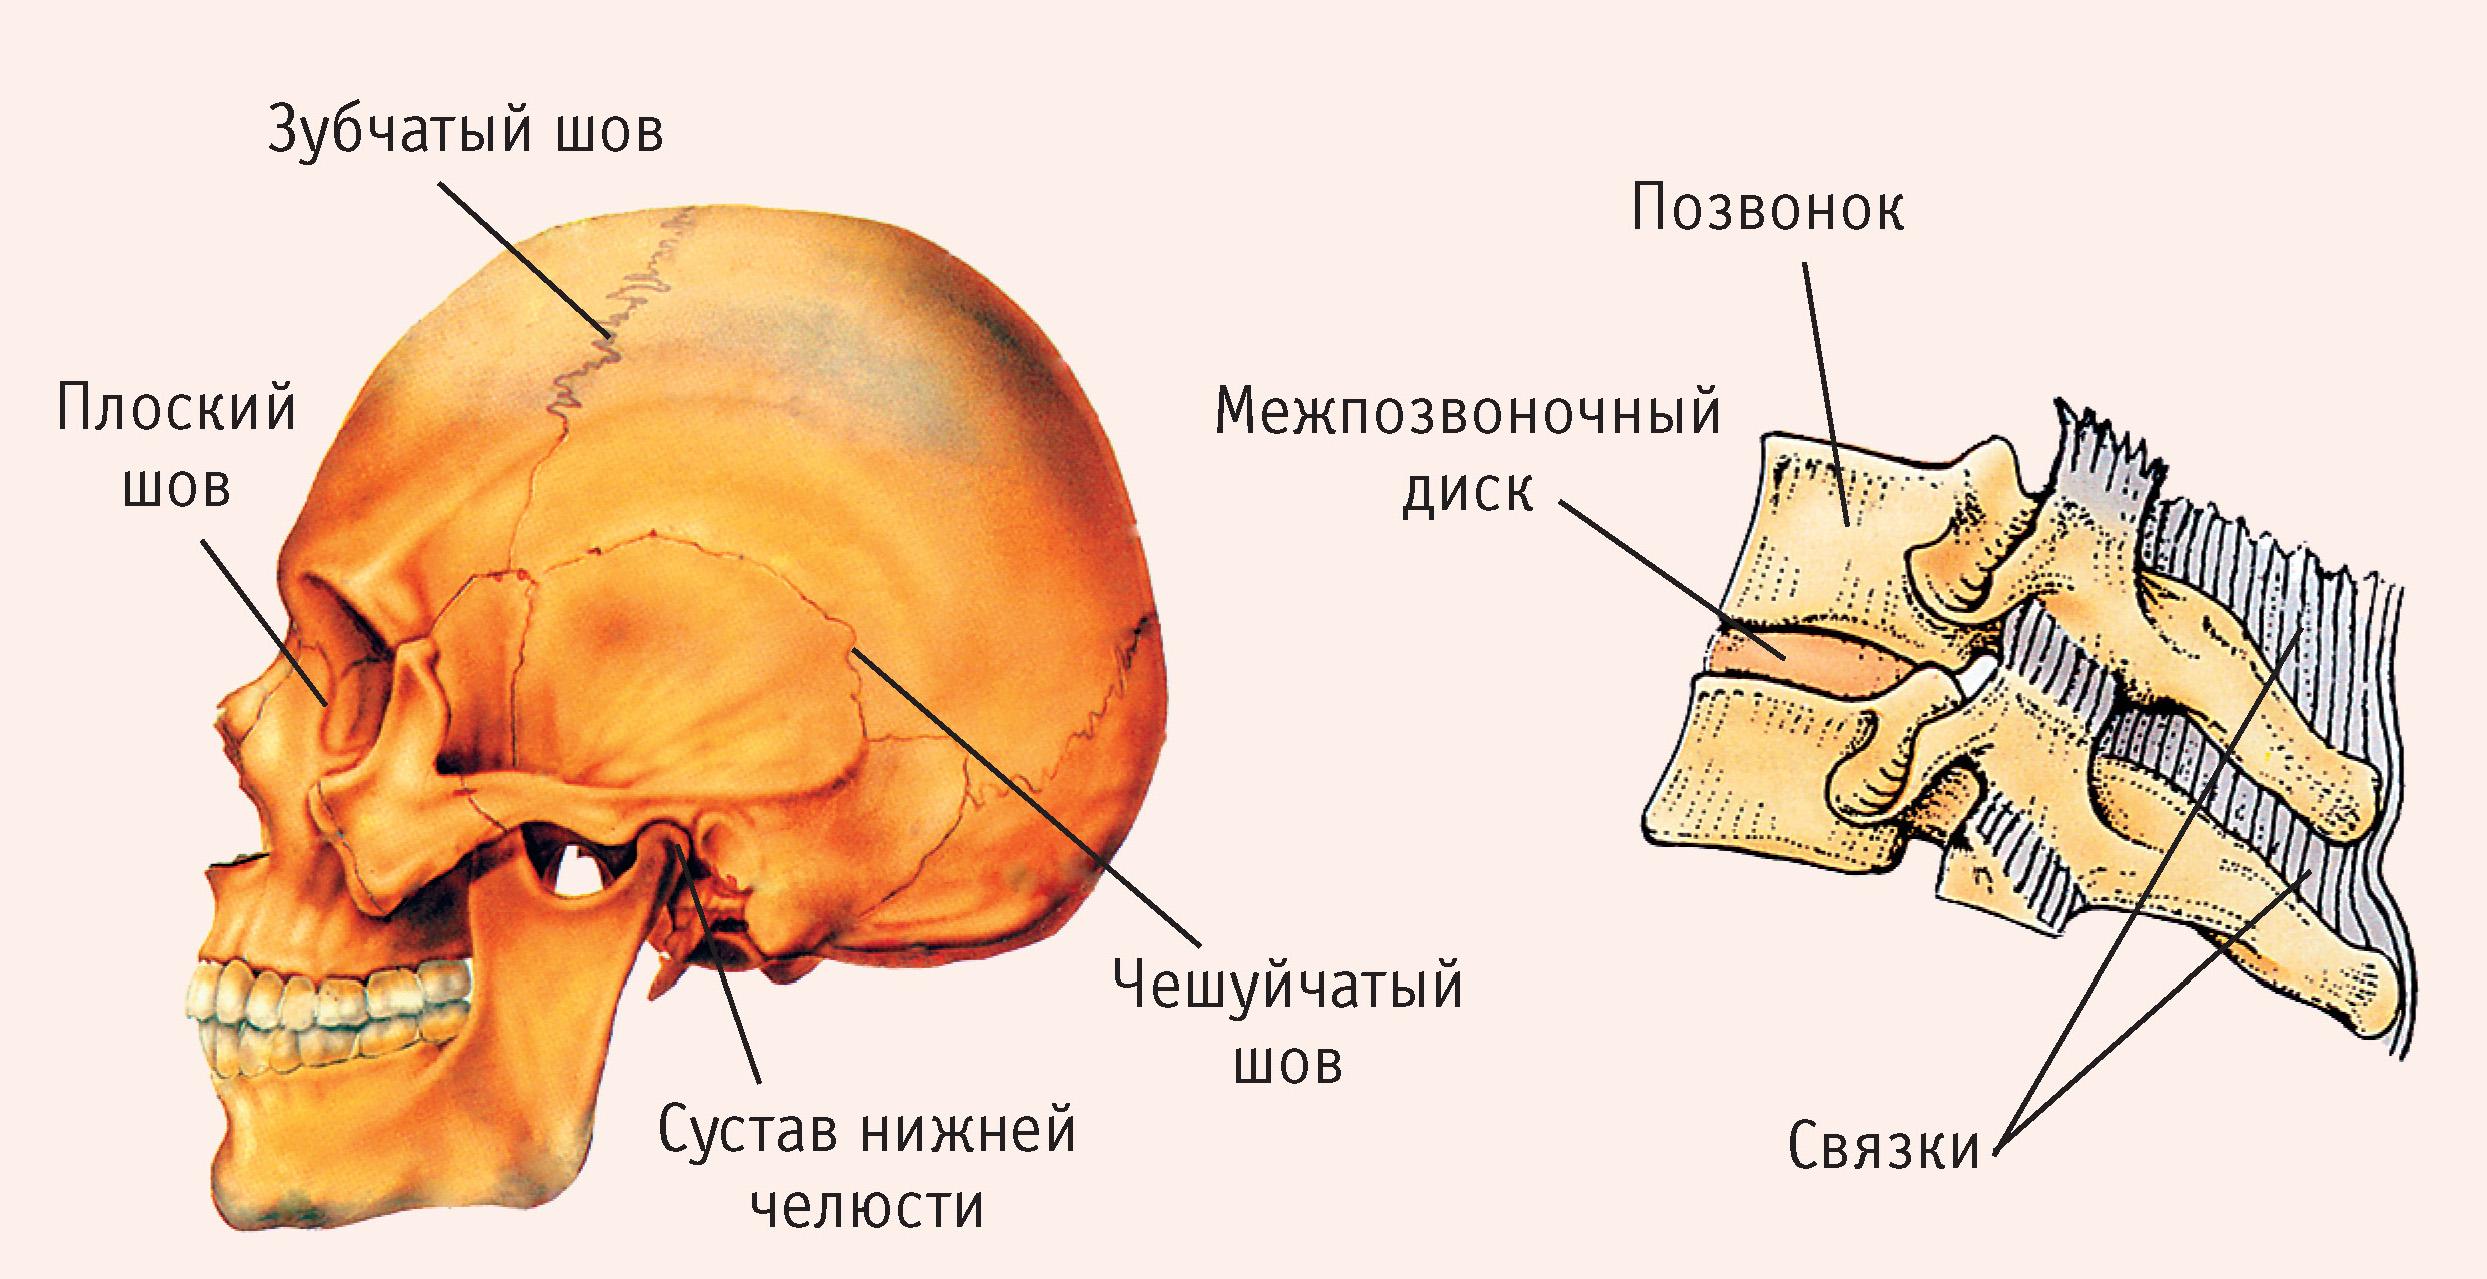 Сустав Плоский